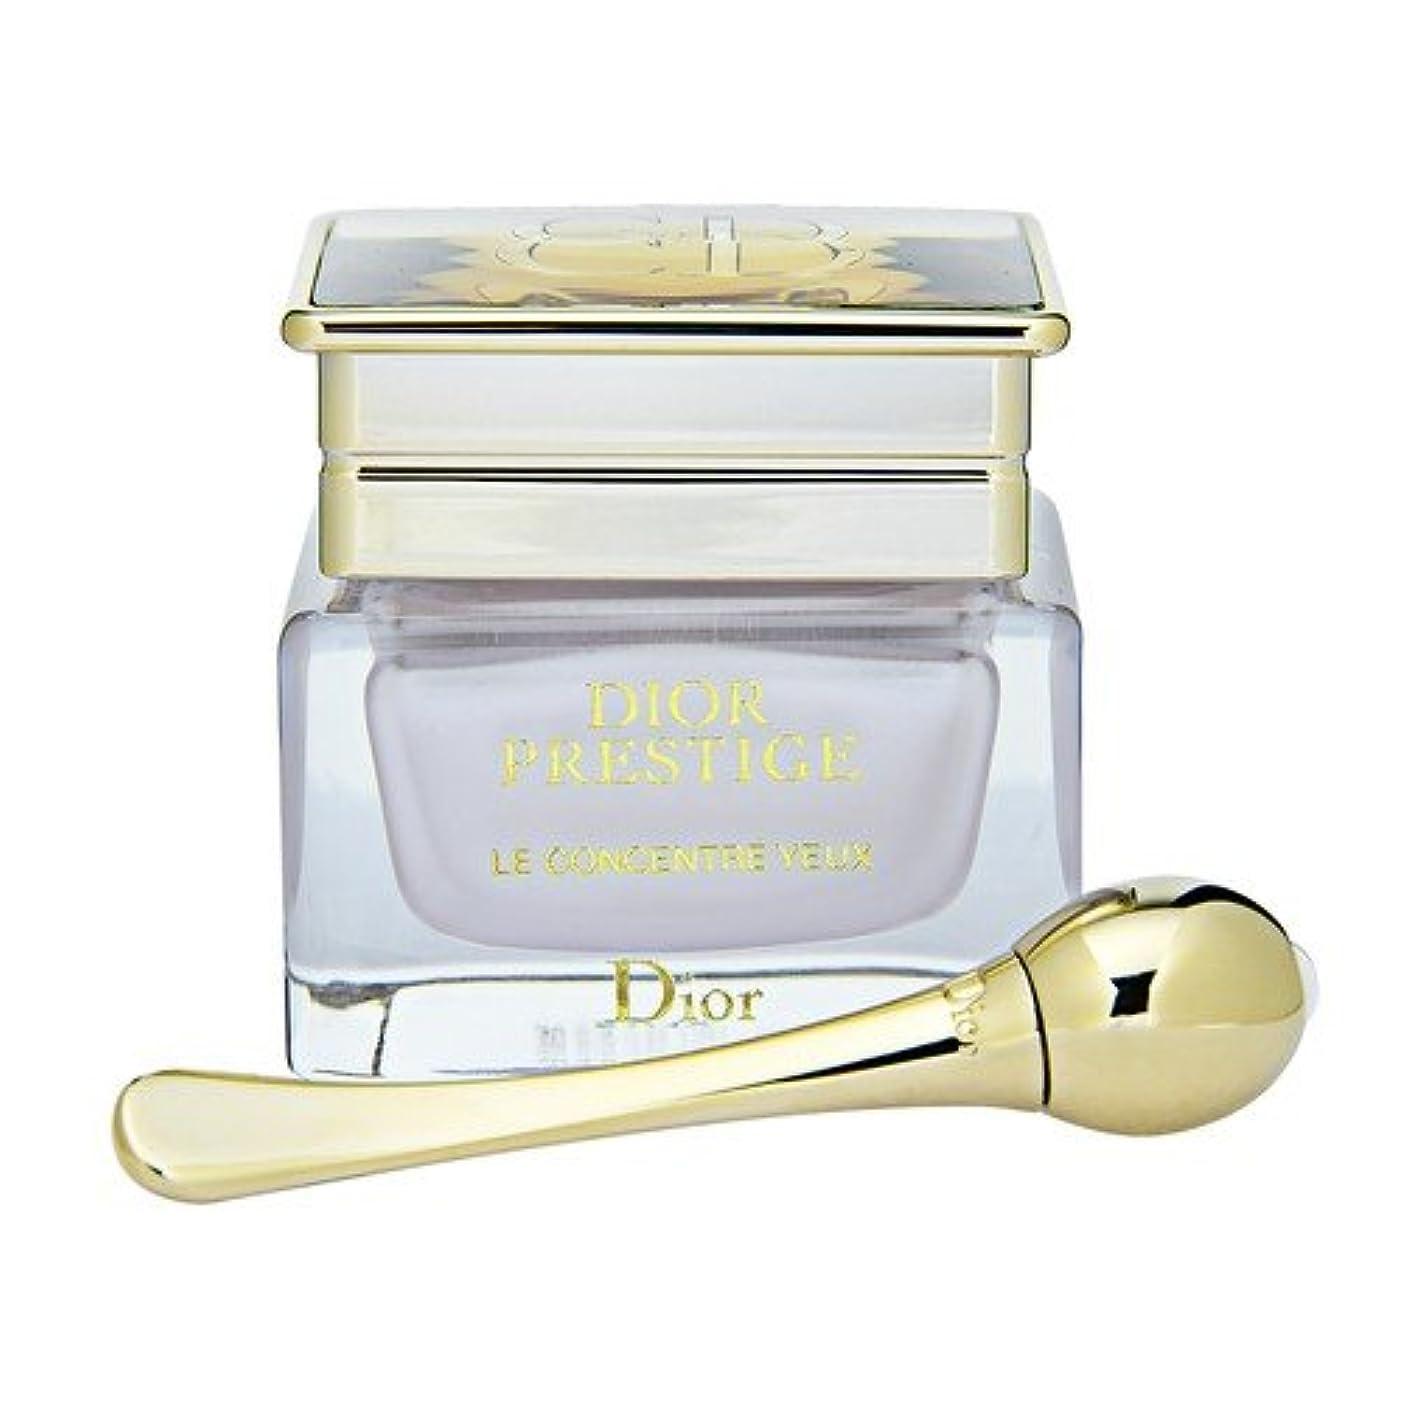 知恵面白い混合クリスチャン ディオール(Christian Dior) プレステージ ル コンサントレ ユー 15ml [並行輸入品]